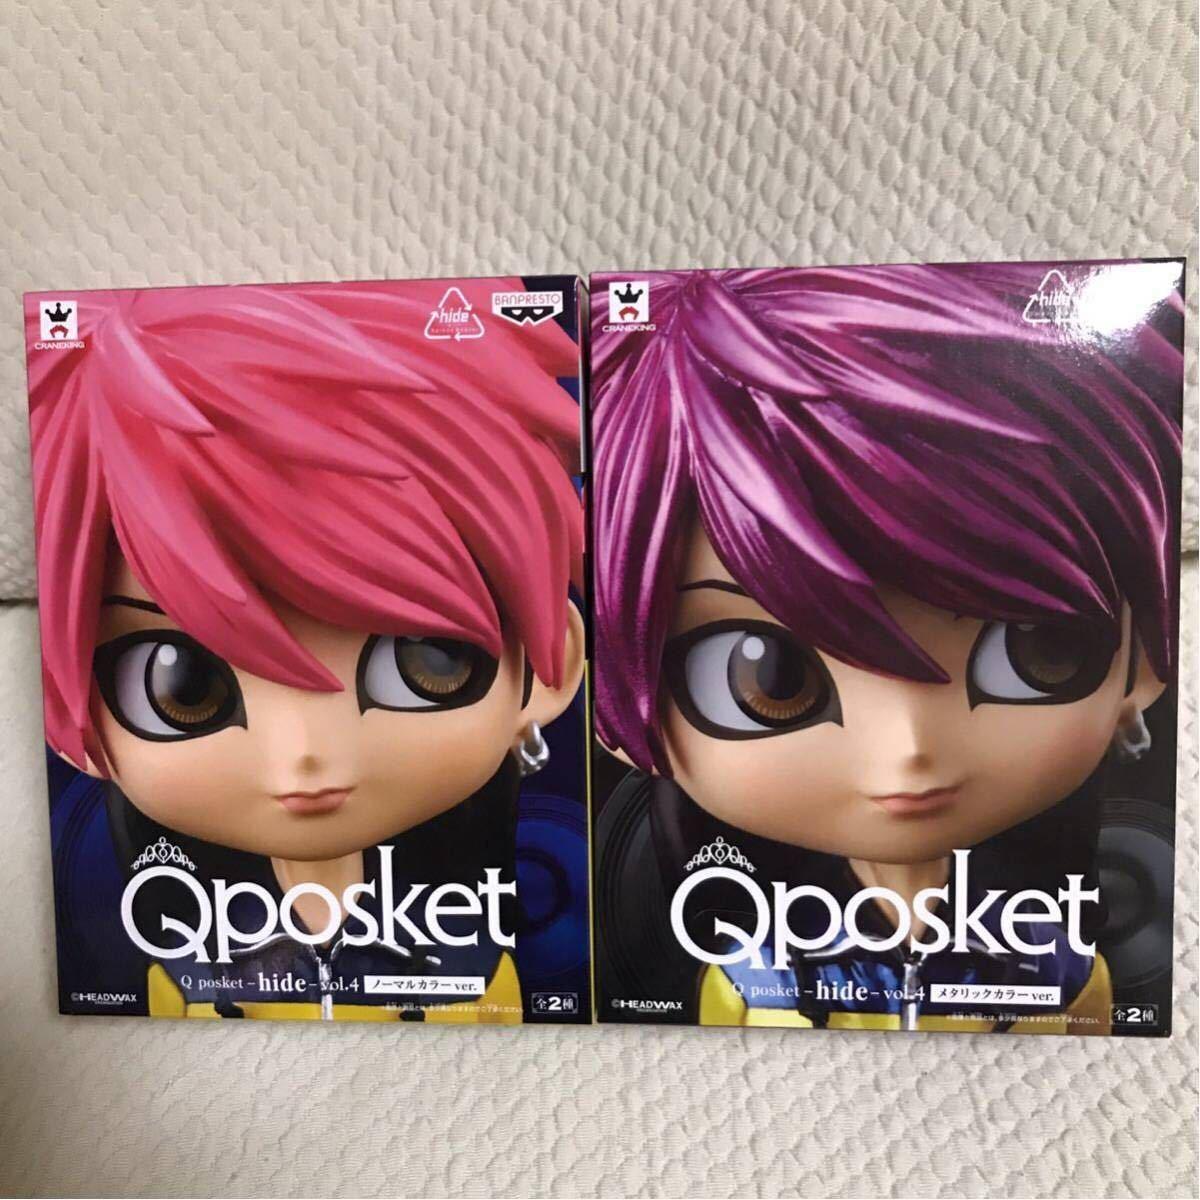 ★Qposket-hide-vol.4 ノーマルカラー・メタリックカラー 全2種★_画像2